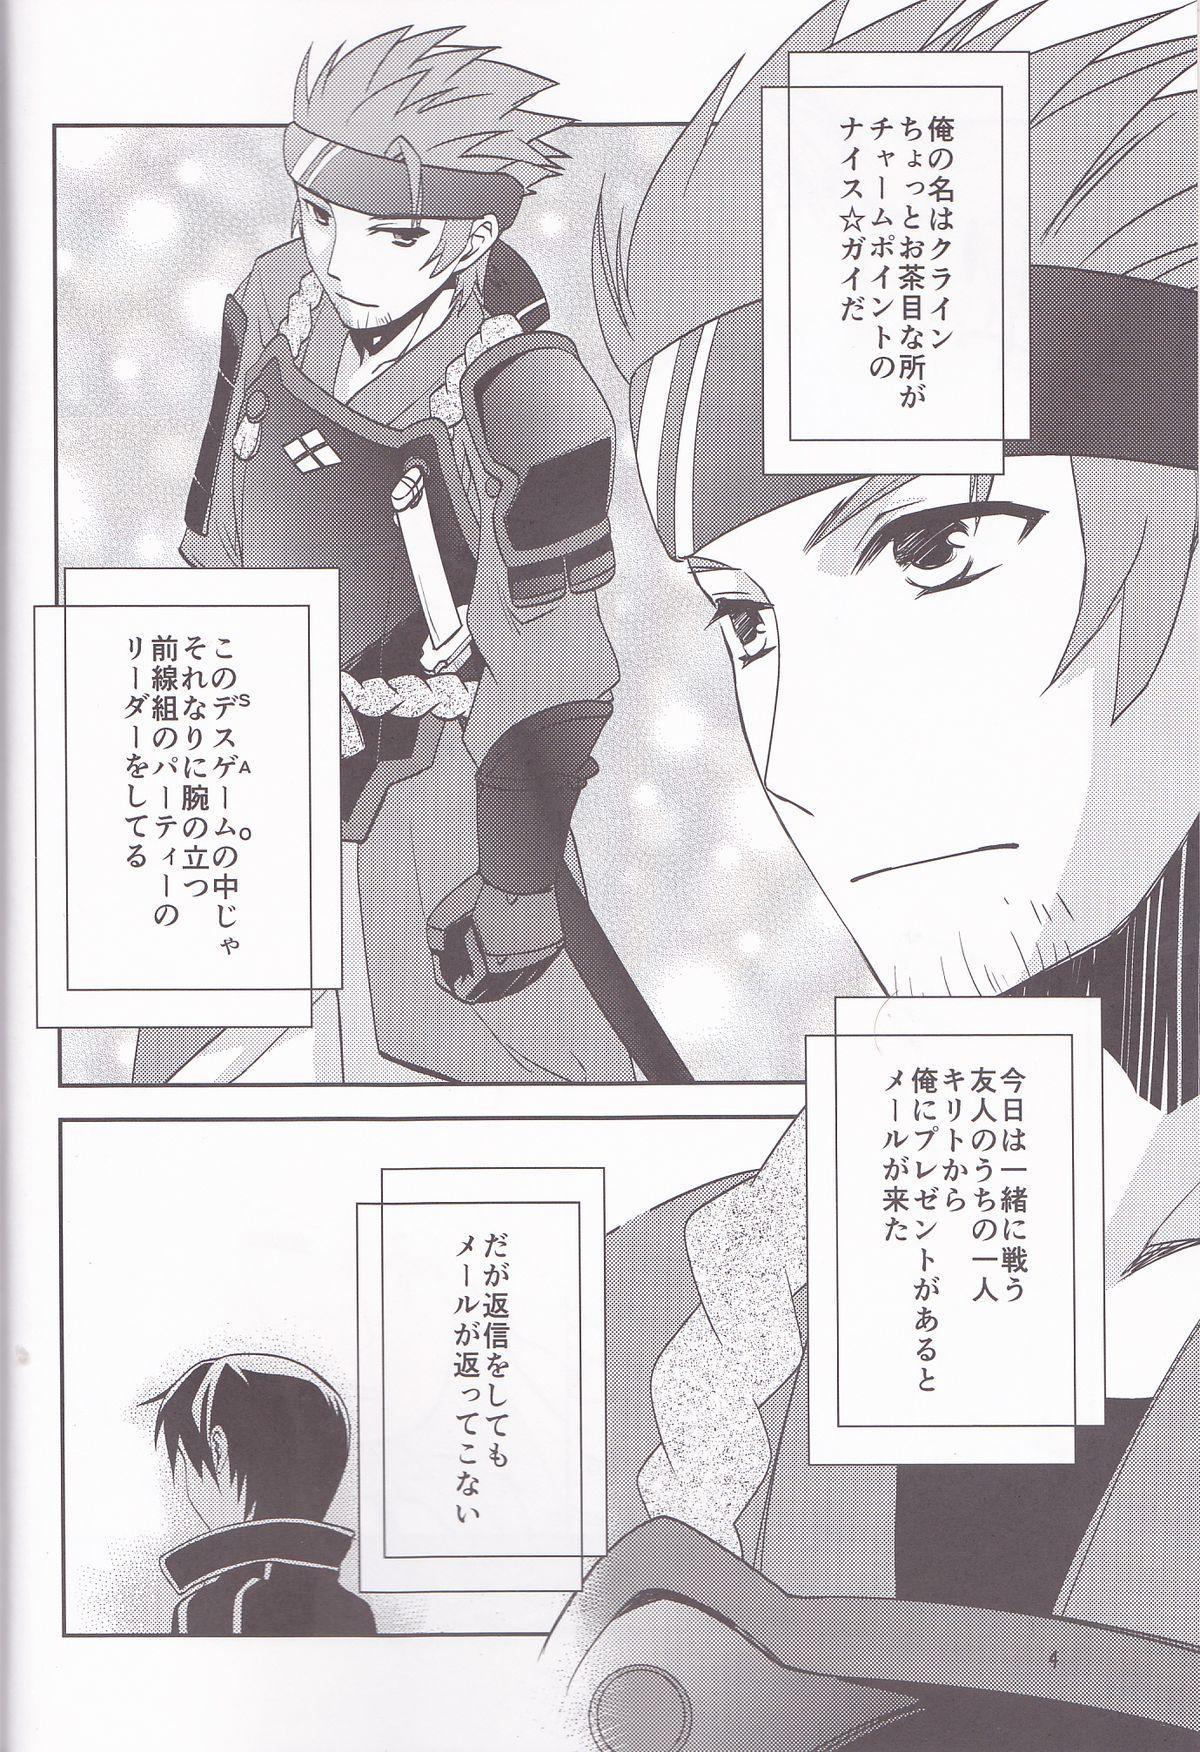 Kirito-kun no shiroku betatsuku nani ka 3 3